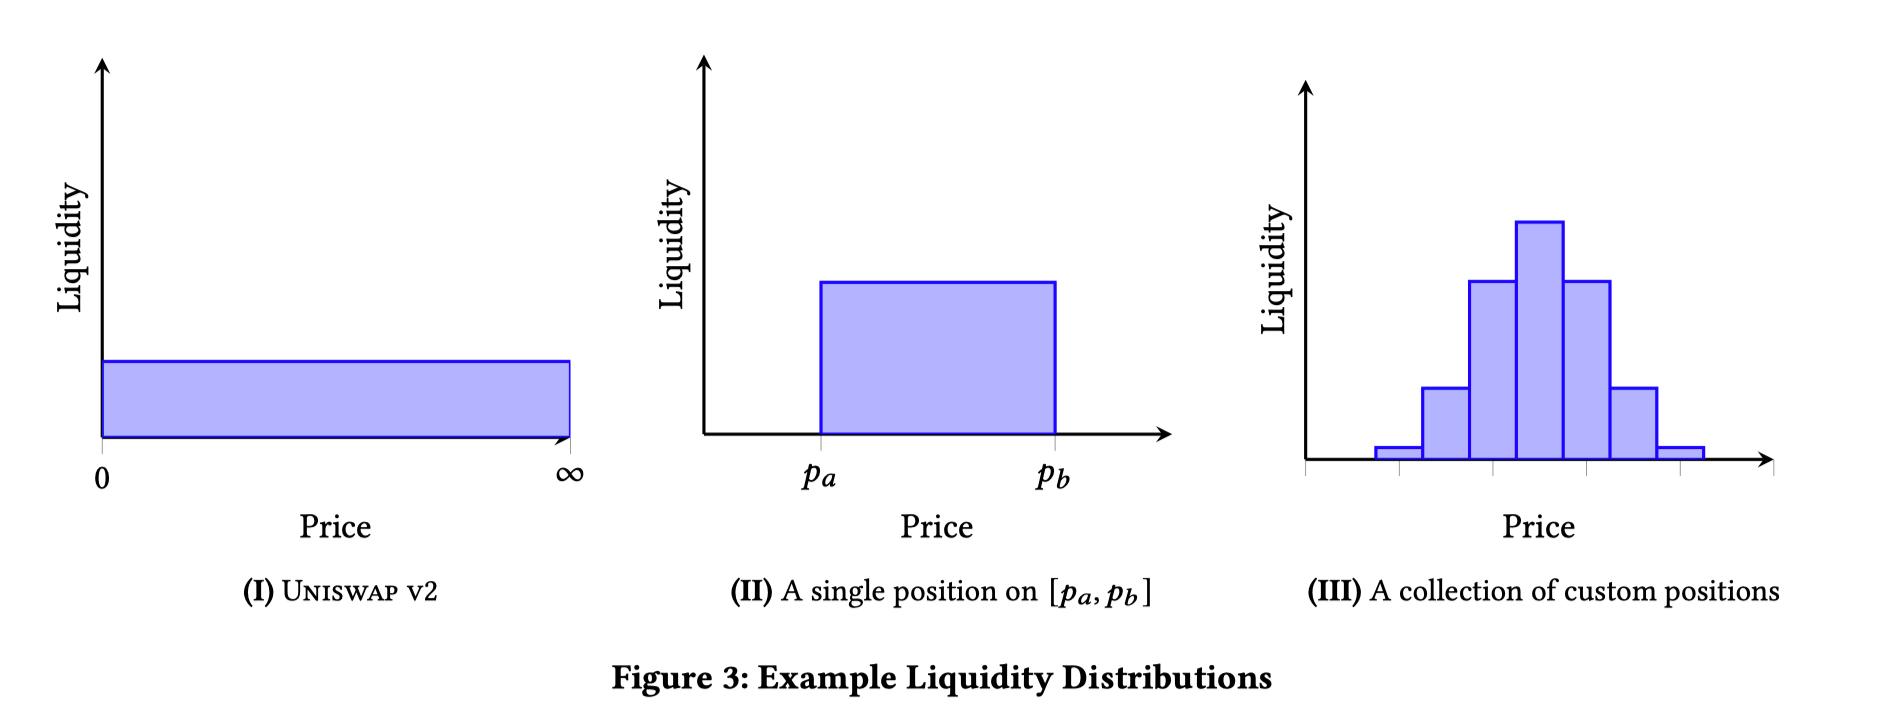 understanding07liquiditydistribution.png